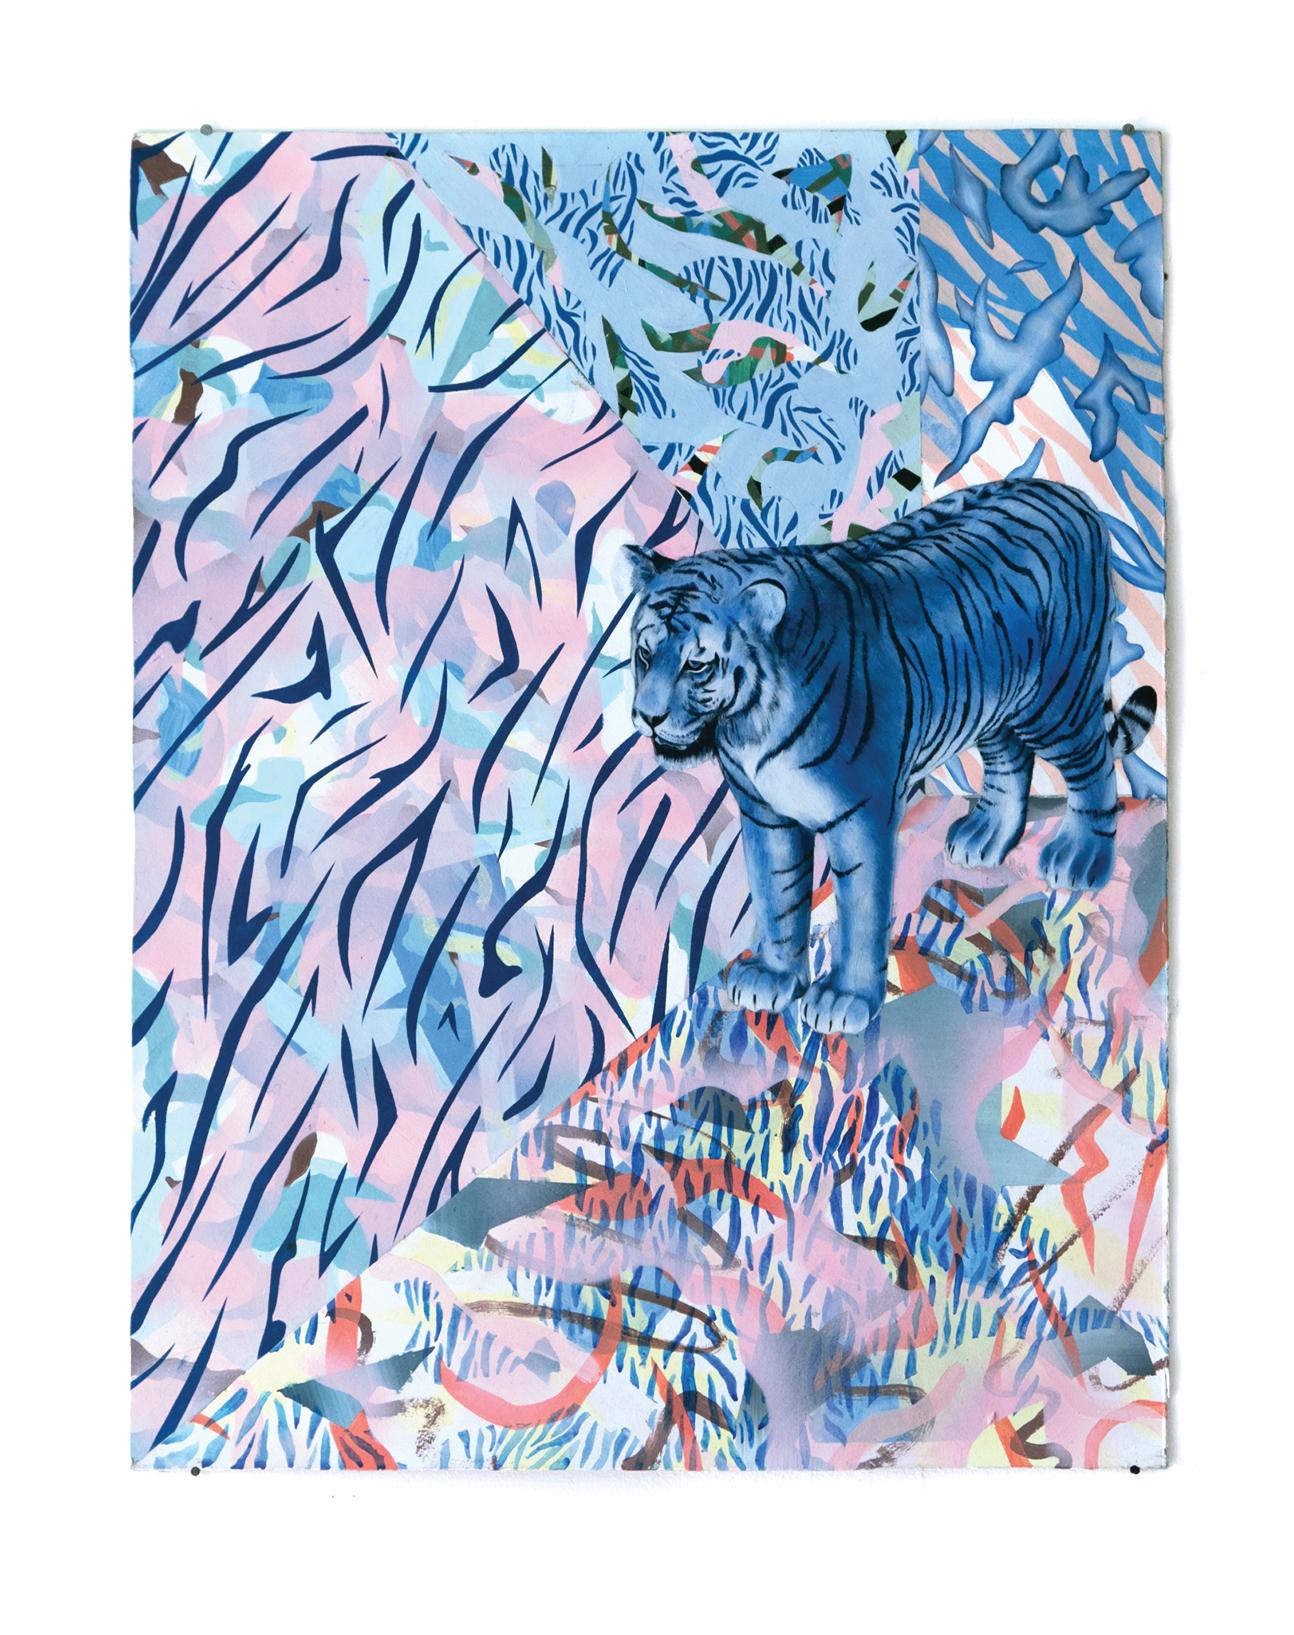 Coco - Peinture à l'huile et acrylique sur carton - 65x50 cm - 2018